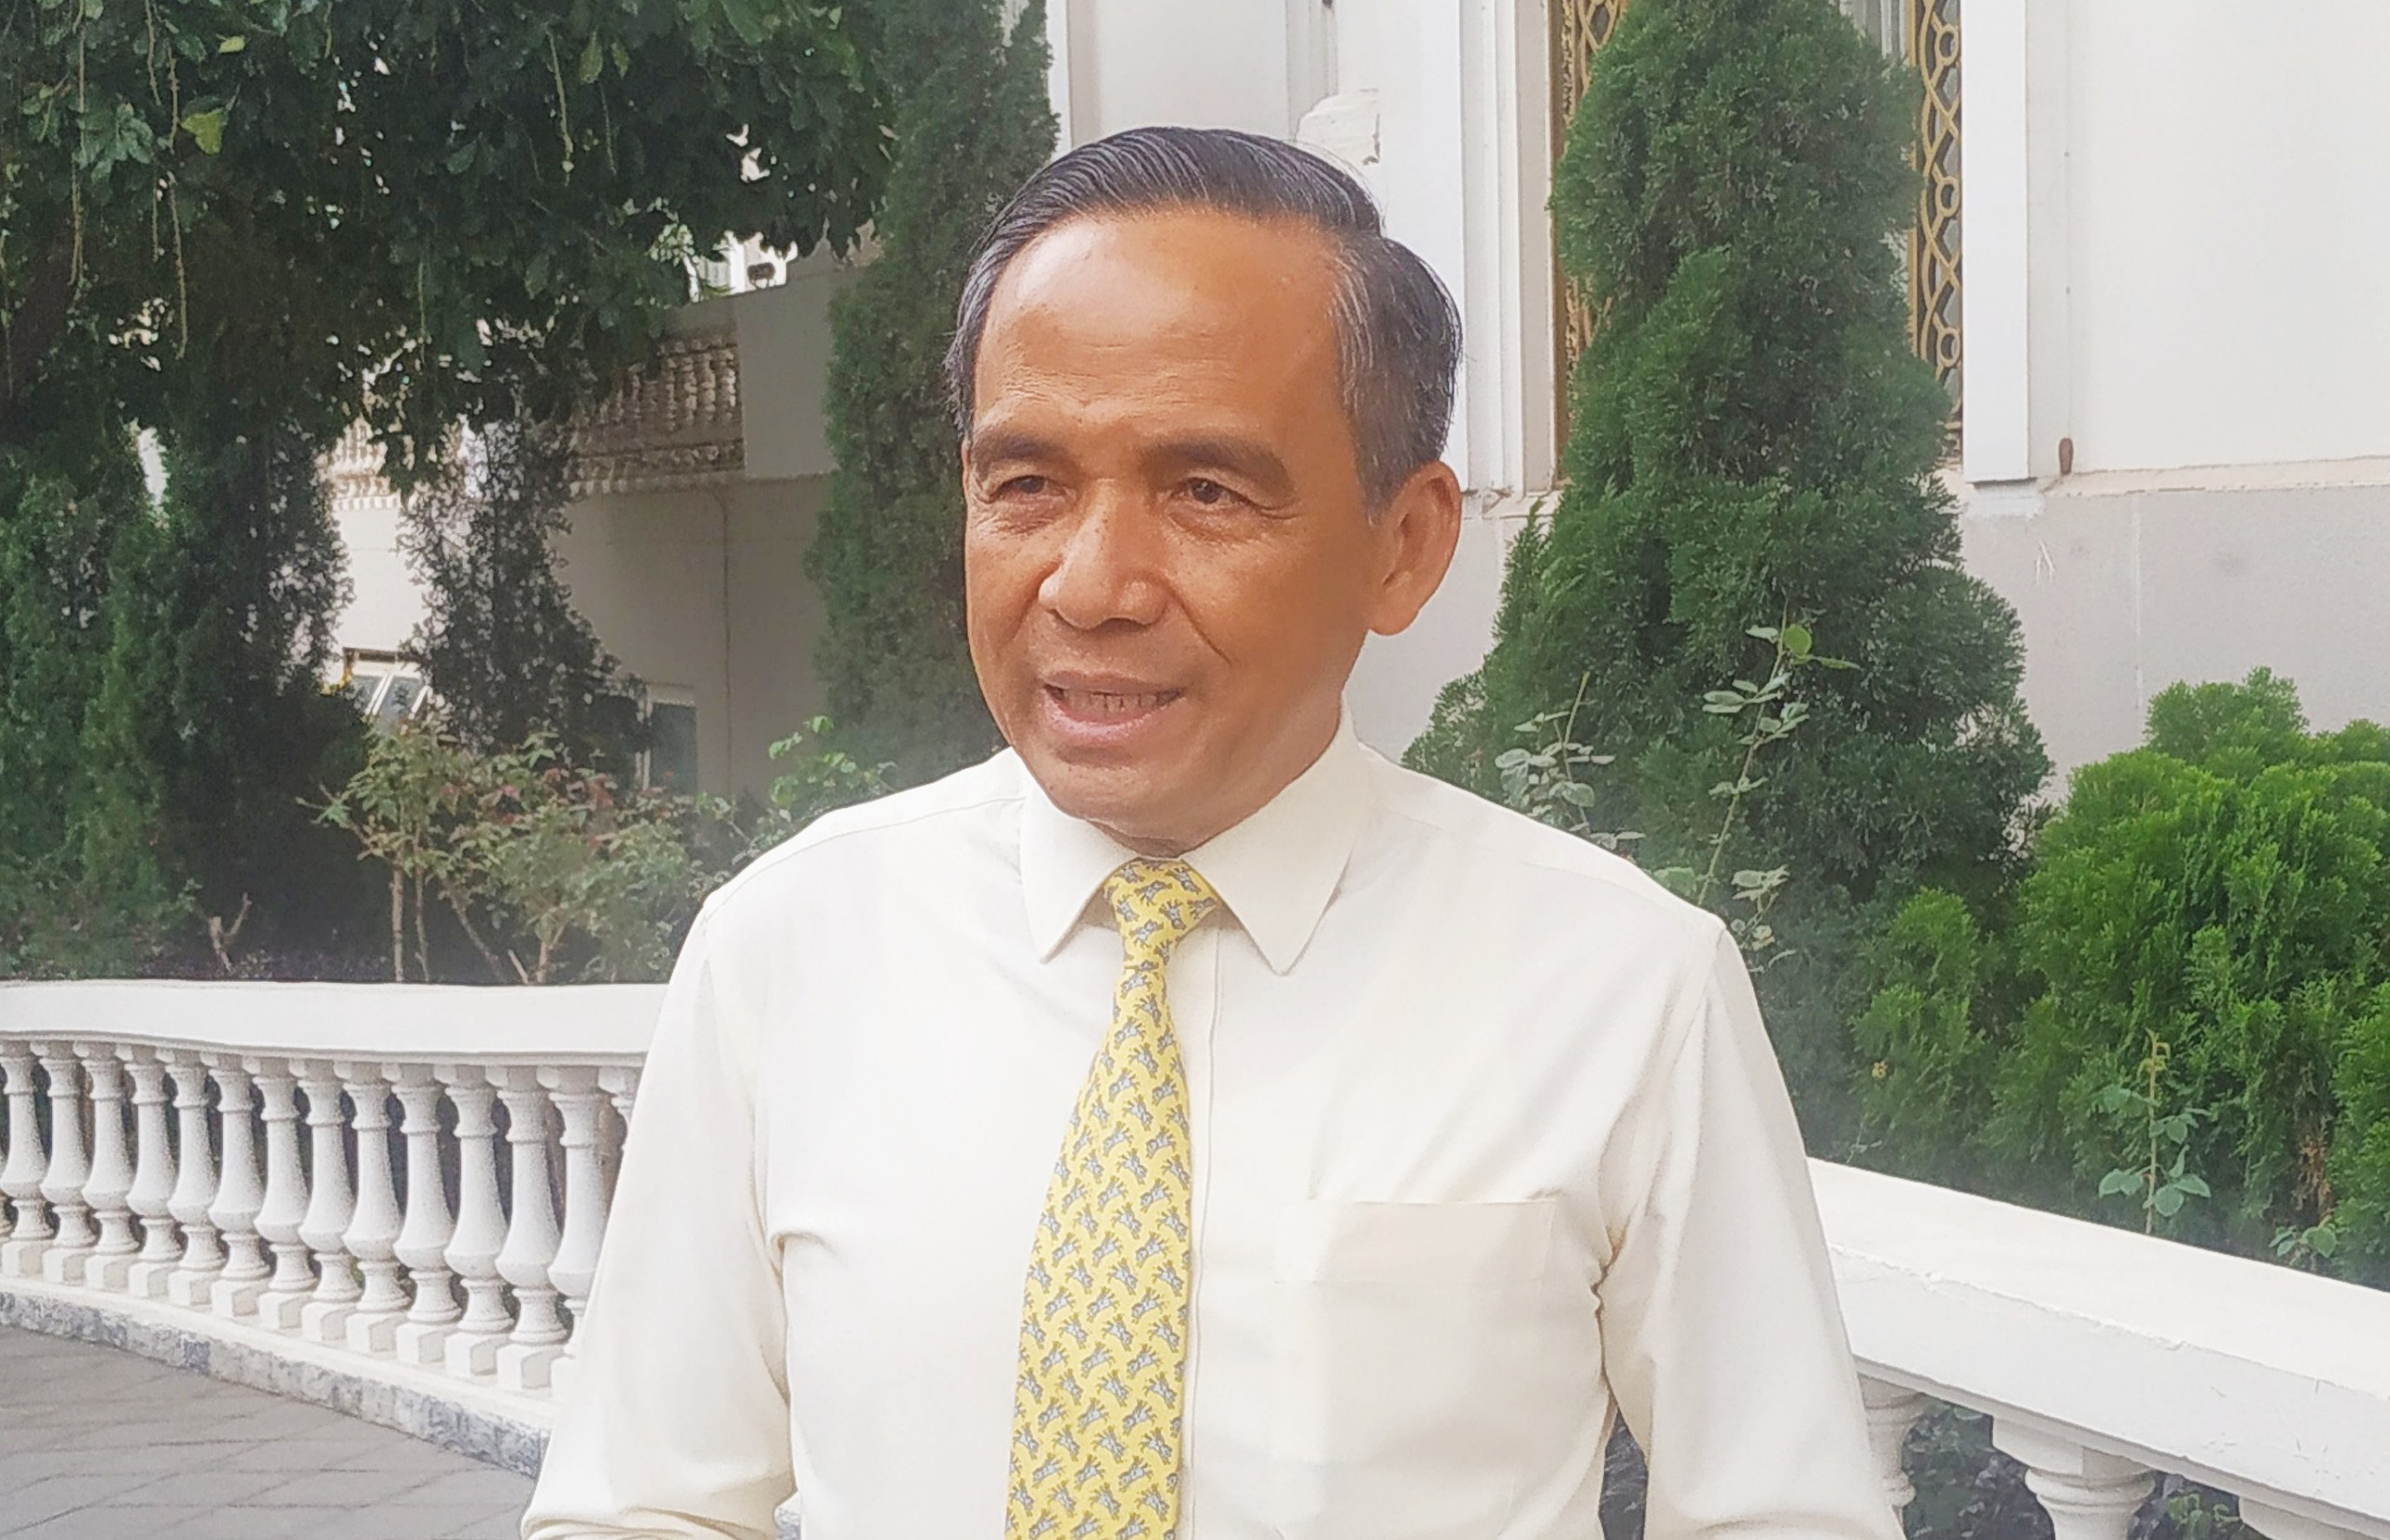 Ông Trịnh Văn Quyết: Bất động sản đã qua thời xấu nhất, năm 2021 sẽ tăng rực rỡ - Ảnh 2.